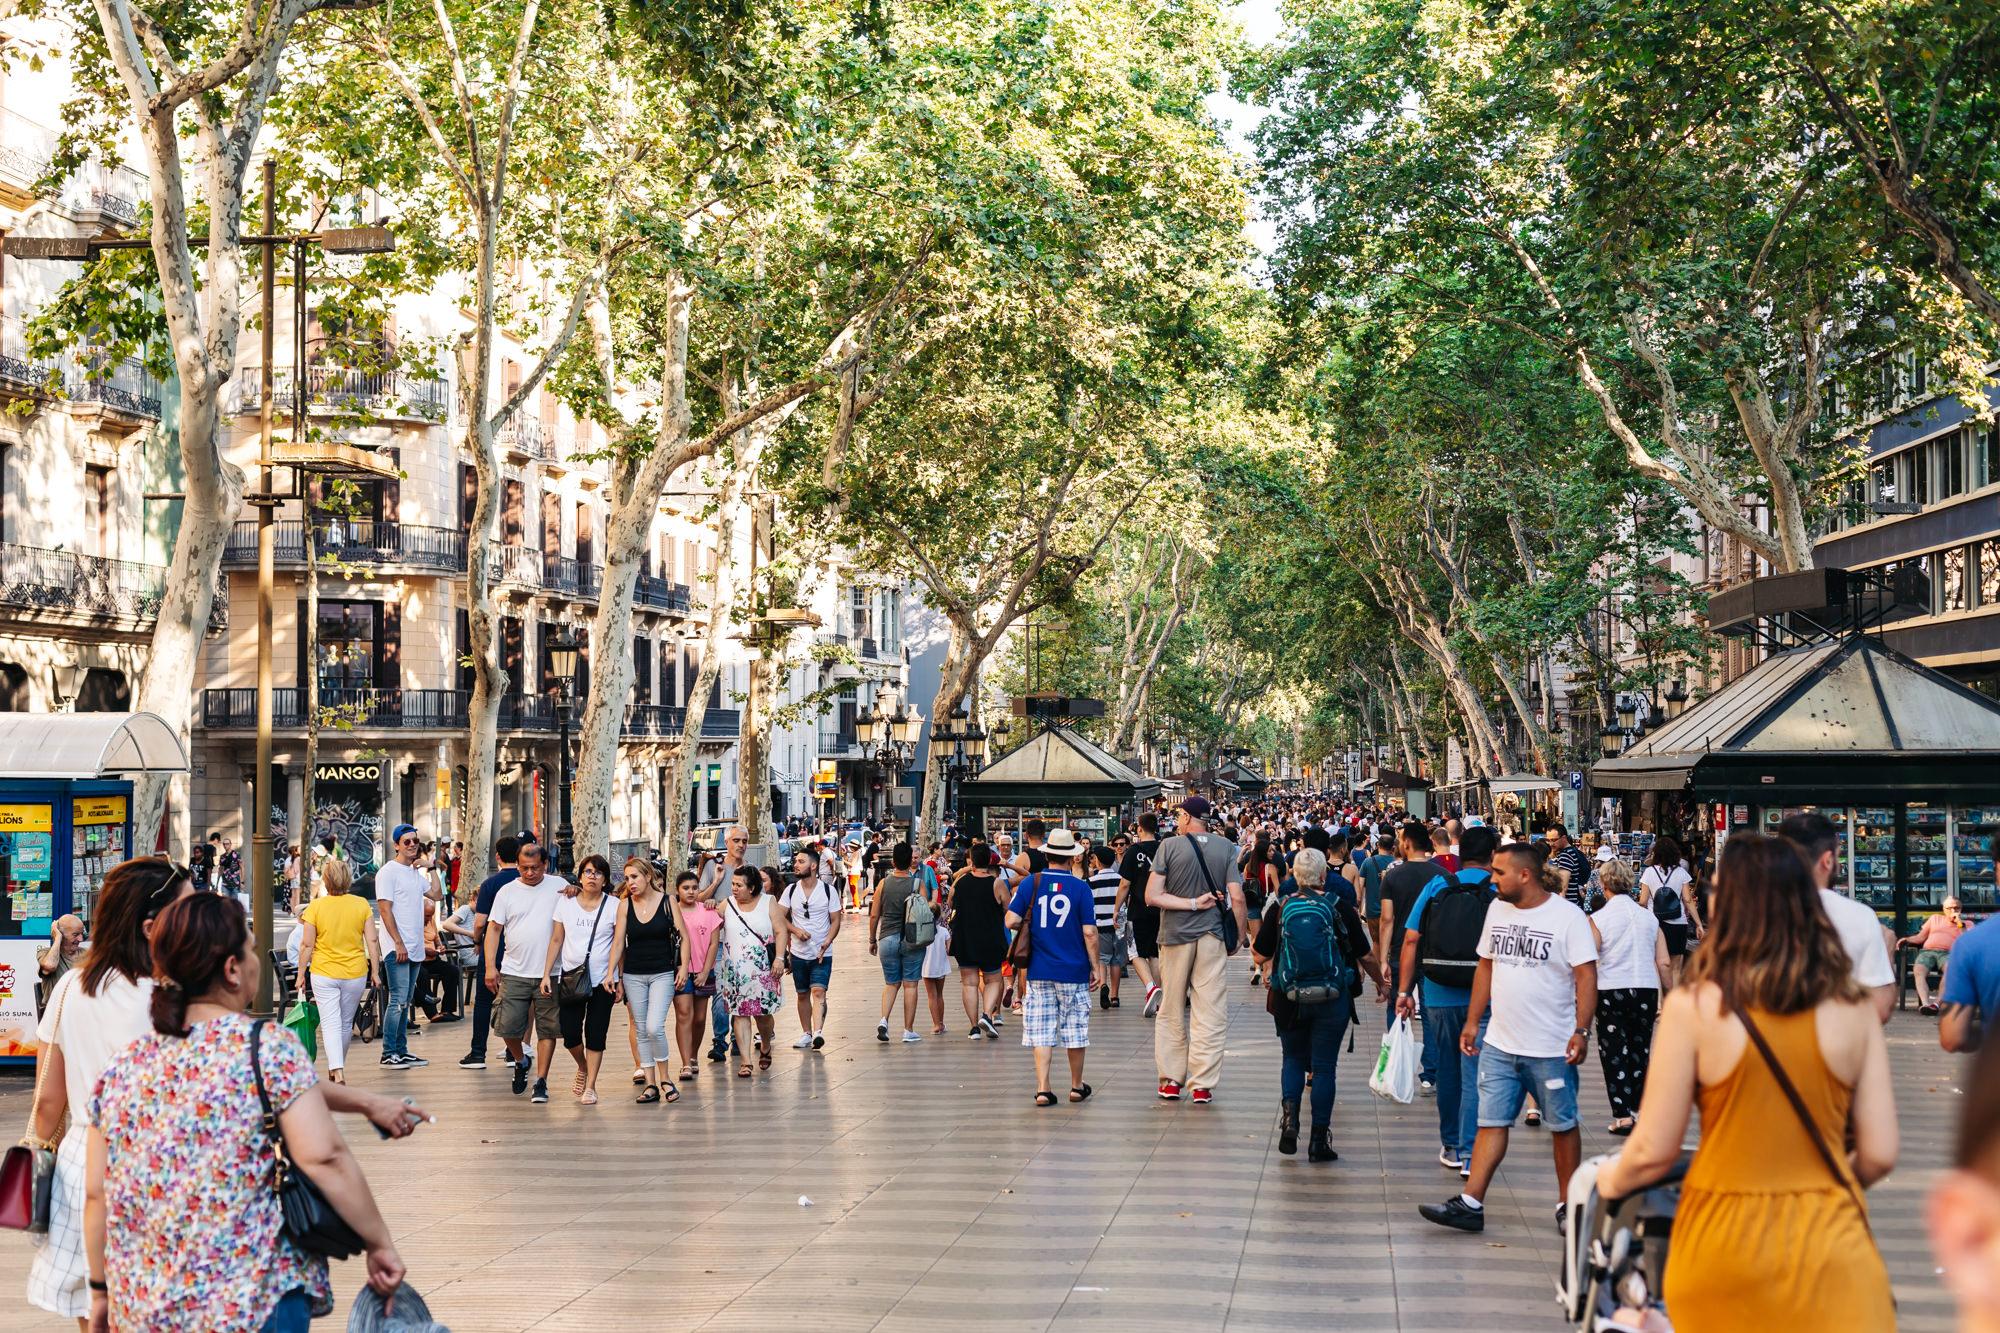 Las Ramblas #Barcelona #Spain